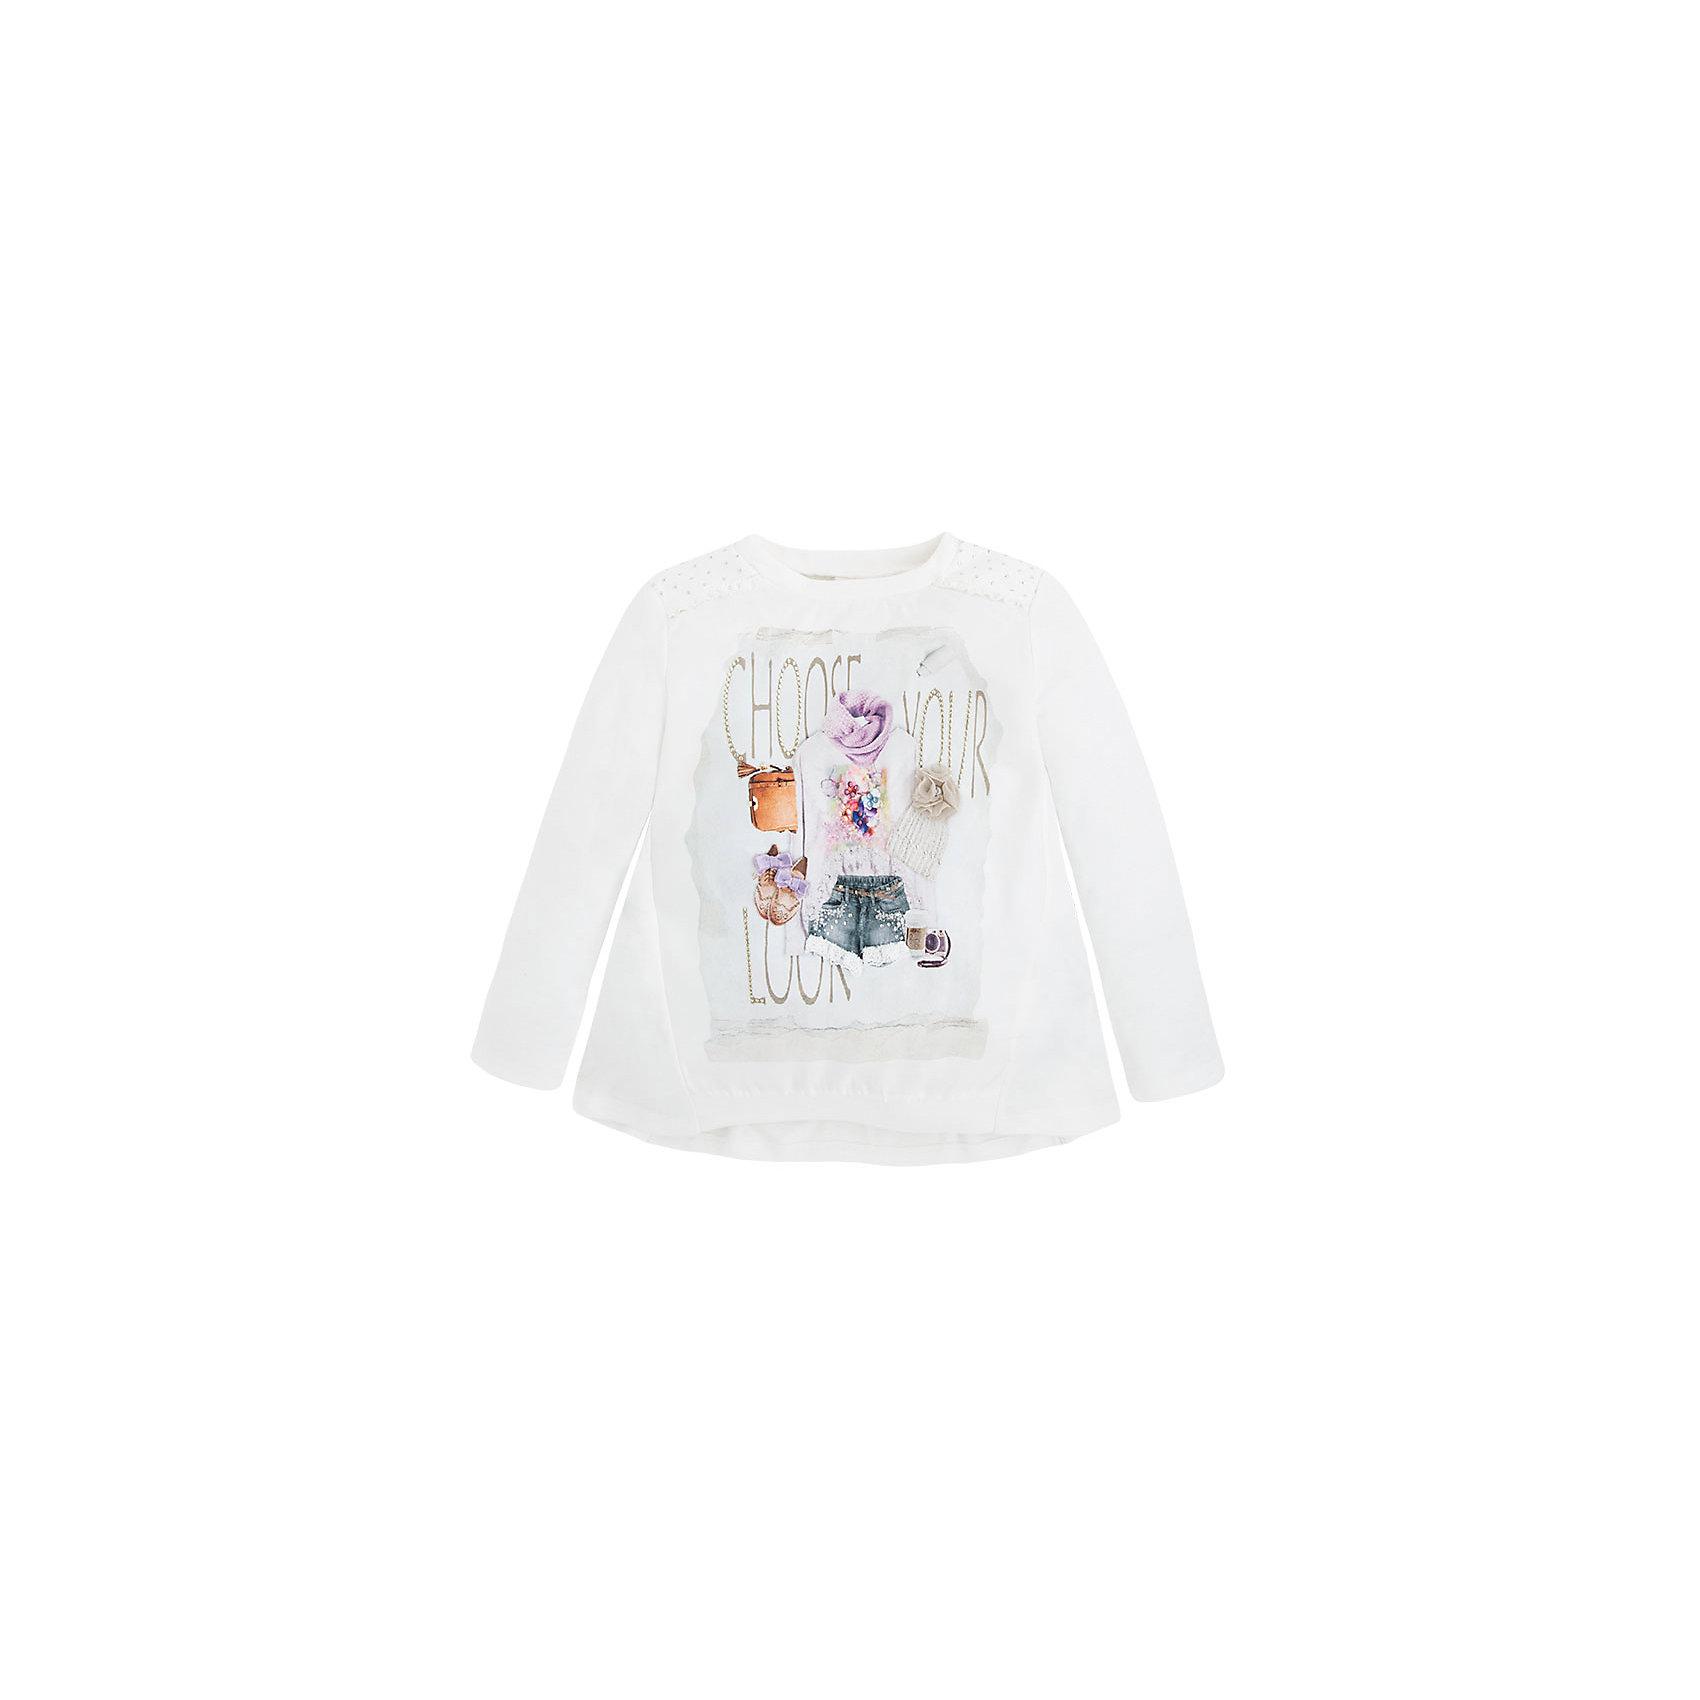 Футболка для девочки MayoralФутболка с длинным рукавом для девочки от популярной испанской марки Mayoral.<br><br>Модная и удобная футболка с длинным рукавом. Модель выполнена в универсальном, но нарядном, белом цвете. Полочка изделия украшена принтом, на котором изображены модные аксессуары и надпись. Принт декорирован стразами и аппликацией. Сзади изделие украшено бантом и присборено. Силуэт - свободный, трапециевидный. Трикотажная футболка с длинным рукавом смотрится модно и эффектно.<br>Удобная стильная футболка от бренда Mayoral разработана специально для детей. Продуманный крой и качественный материал обеспечит комфорт при ношении этой вещи. Натуральный хлопок в составе изделия делает его дышащим и мягким.<br>Состав: 25% вискоза, 75% полиэстер<br>Уход за изделием:<br>• стирка в машине при температуре до 30°С,<br>• не отбеливать,<br>• гладить на низкой температуре.<br><br>Футболку с длинным рукавом для девочки Mayoral (Майорал) можно купить в нашем магазине.<br><br>Ширина мм: 199<br>Глубина мм: 10<br>Высота мм: 161<br>Вес г: 151<br>Цвет: бежевый<br>Возраст от месяцев: 48<br>Возраст до месяцев: 60<br>Пол: Женский<br>Возраст: Детский<br>Размер: 110,104,116,122,134,128,98,92<br>SKU: 4191429